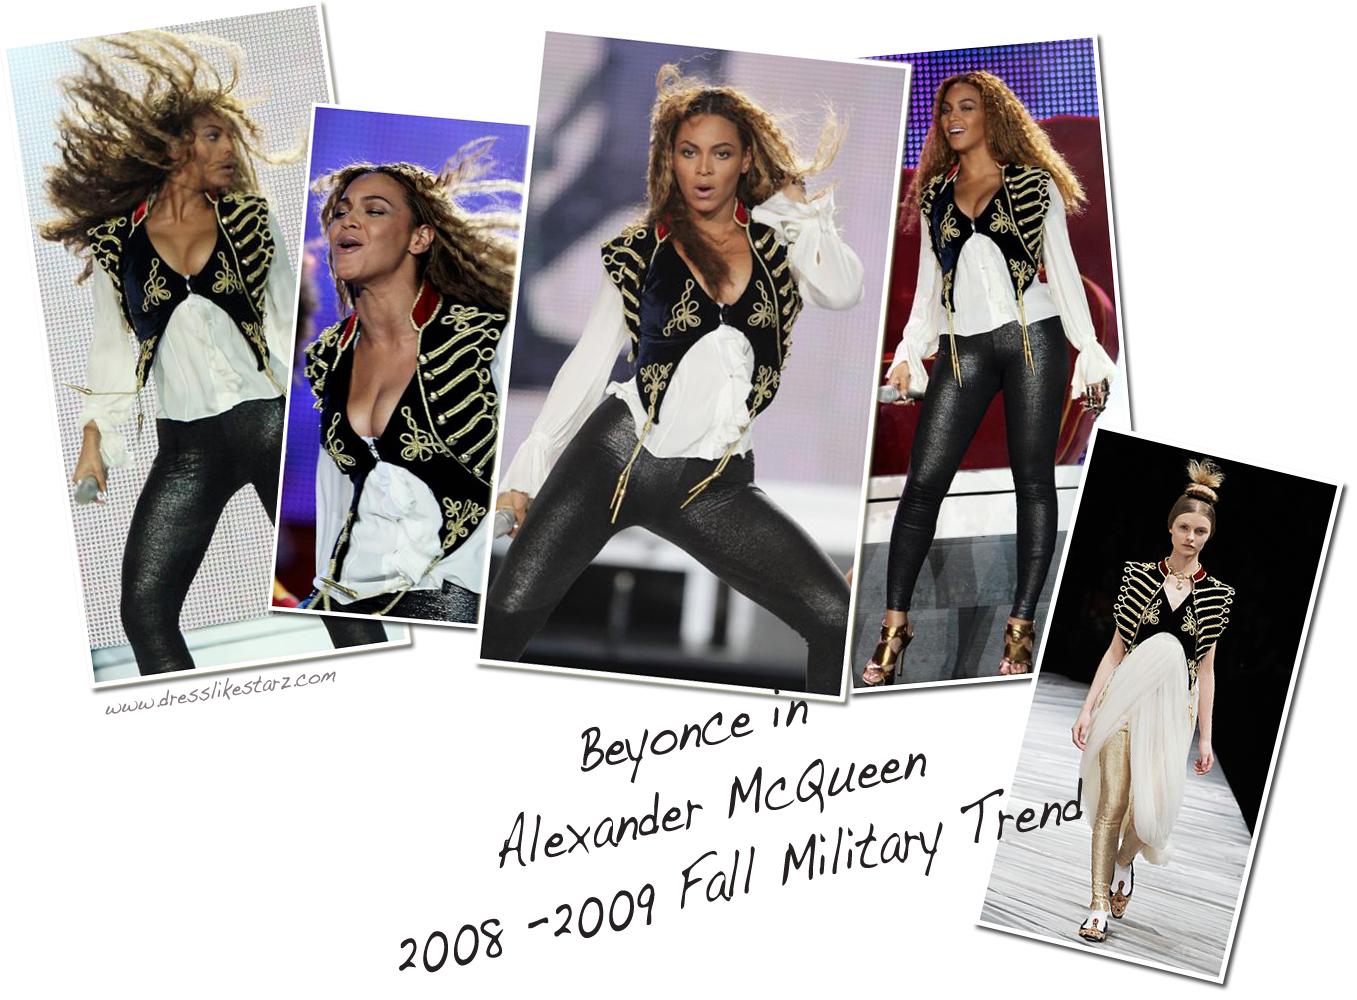 http://4.bp.blogspot.com/-hd0RlyCCQGc/TylzkOveKjI/AAAAAAAAEN0/Hrz-q9NUuuA/s1600/beyonce-alexander-mcqueen-military-psd1.jpg